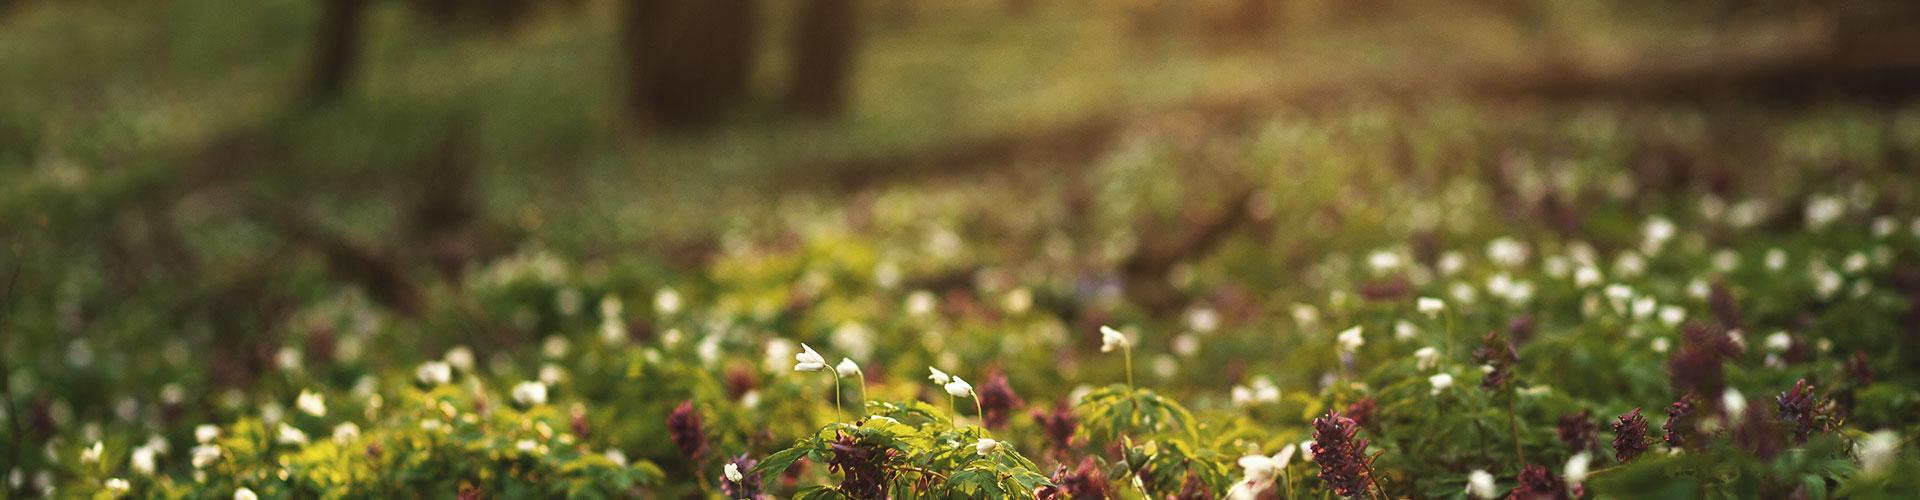 Nahaufnahme vieler Blumen auf einer Wiese